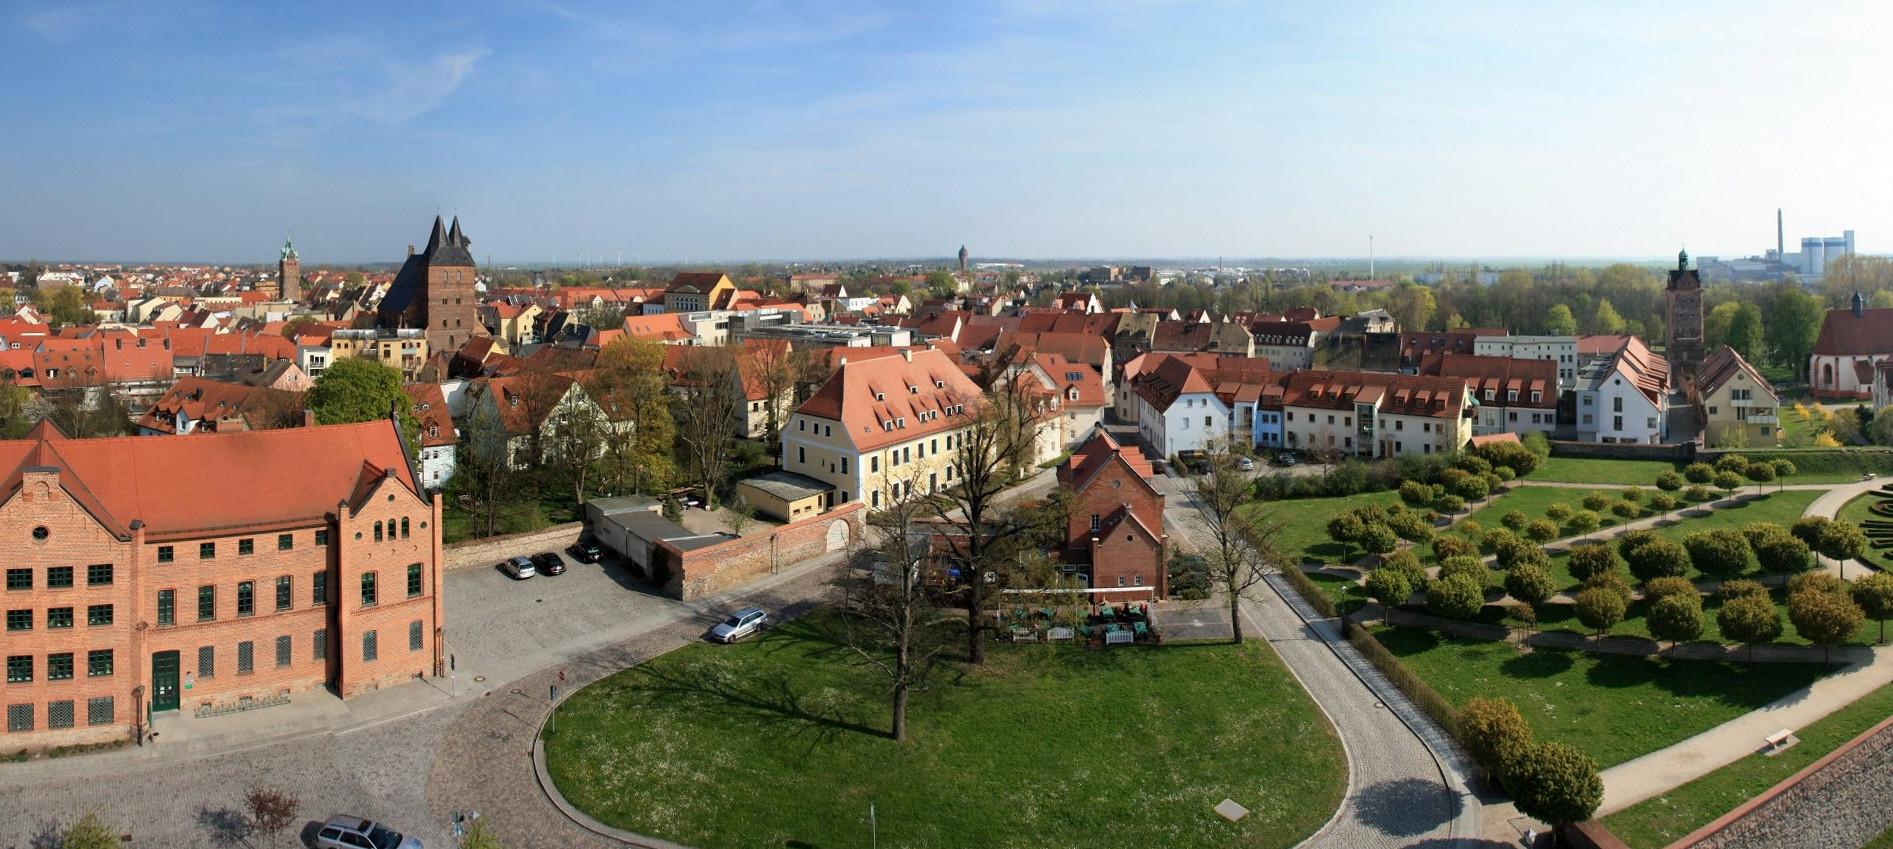 ... Freigüter und Vorwerke in der Stadt Delitzsch (Landkreis Nordsachsen